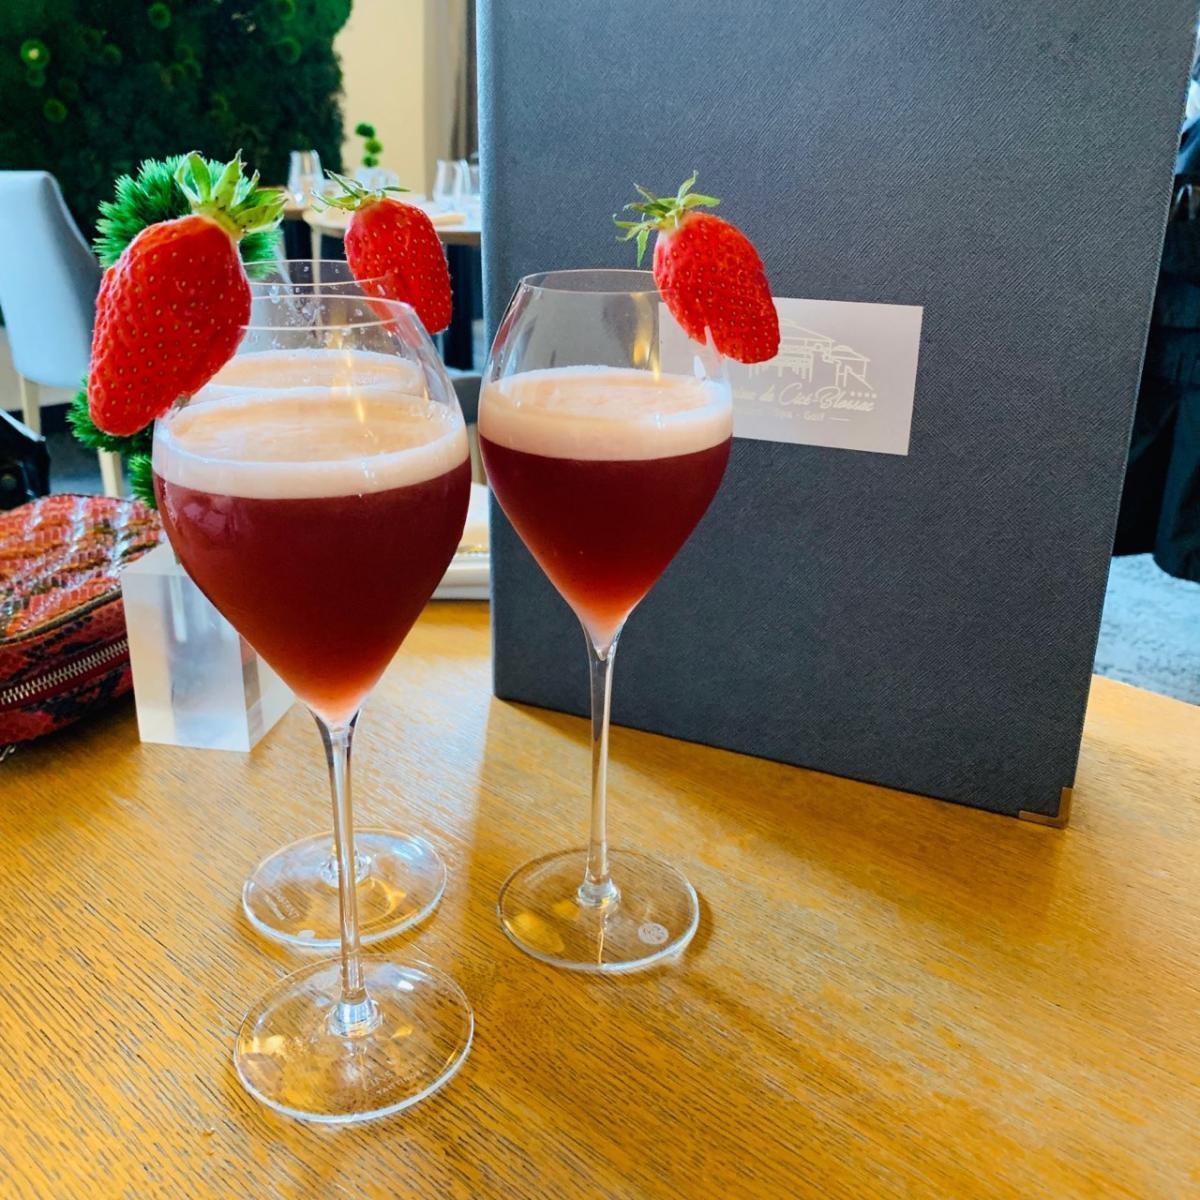 Nouveau Cocktail du Domaine, Le Lady Blossac. Présent actuellement dans notre nouveau bar à Bruz à 15 min de Rennes